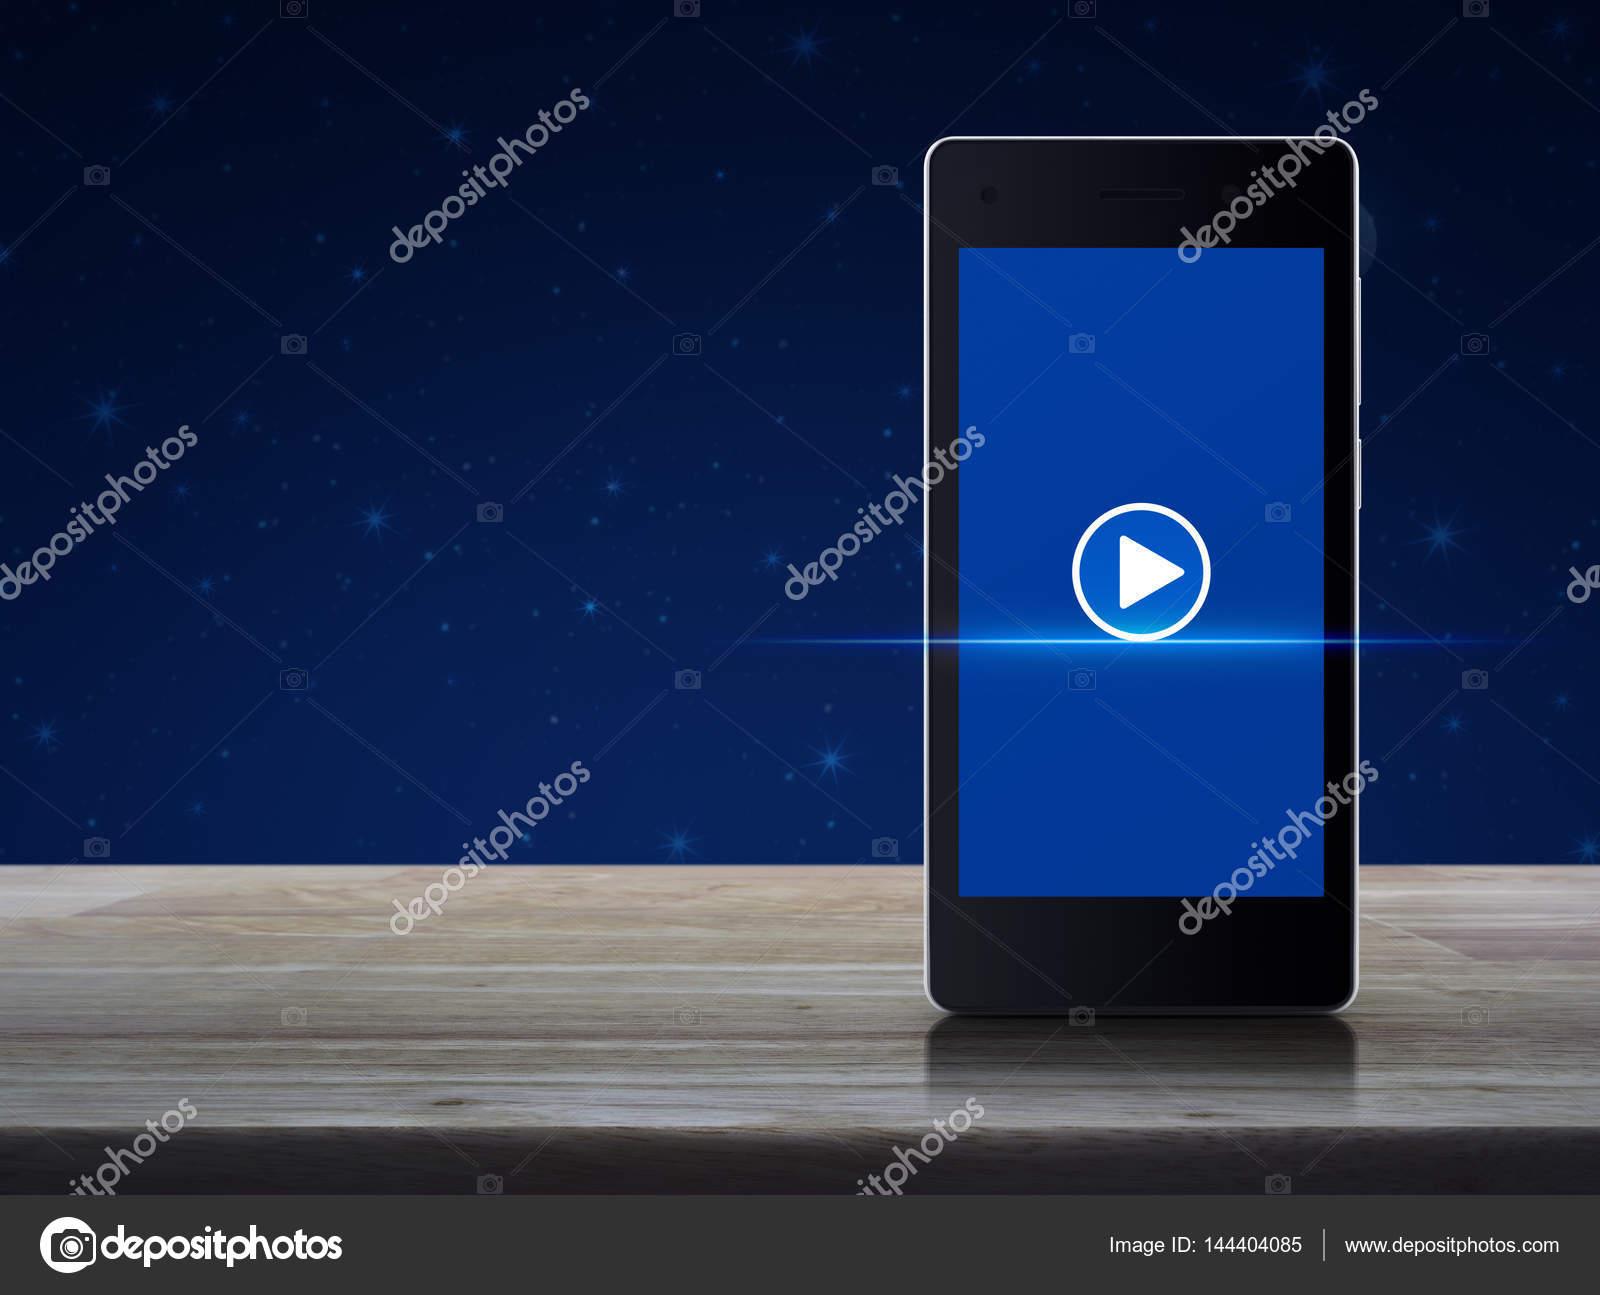 Рисунок под музыку онлайн. Рука мобильный телефон играть музыку.